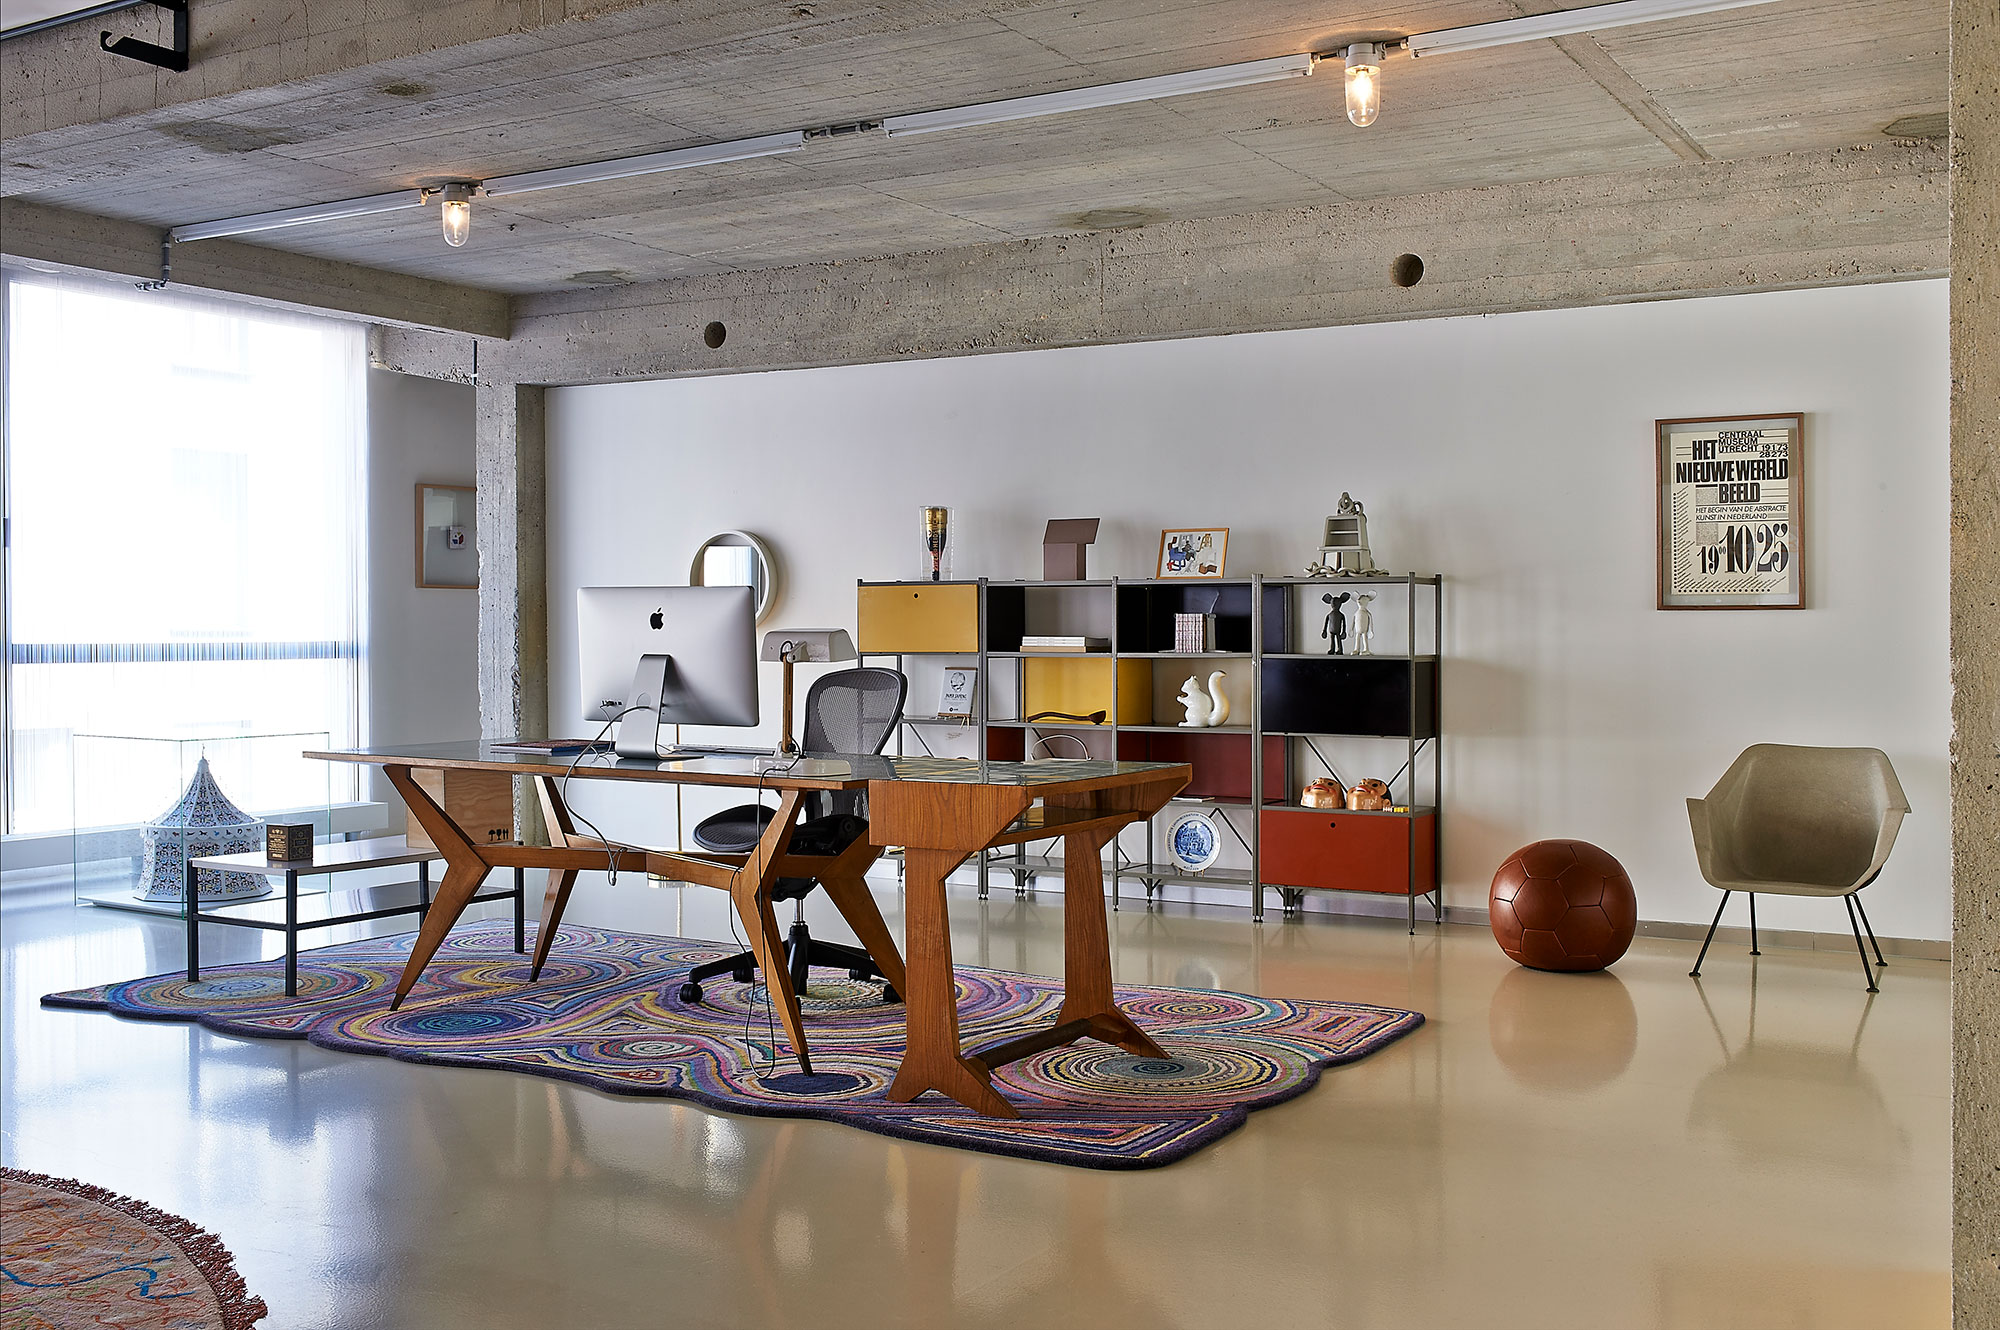 Studio-Job-Loft-1st-floor-office-ph-Dennis-Brandsma-22713-0184